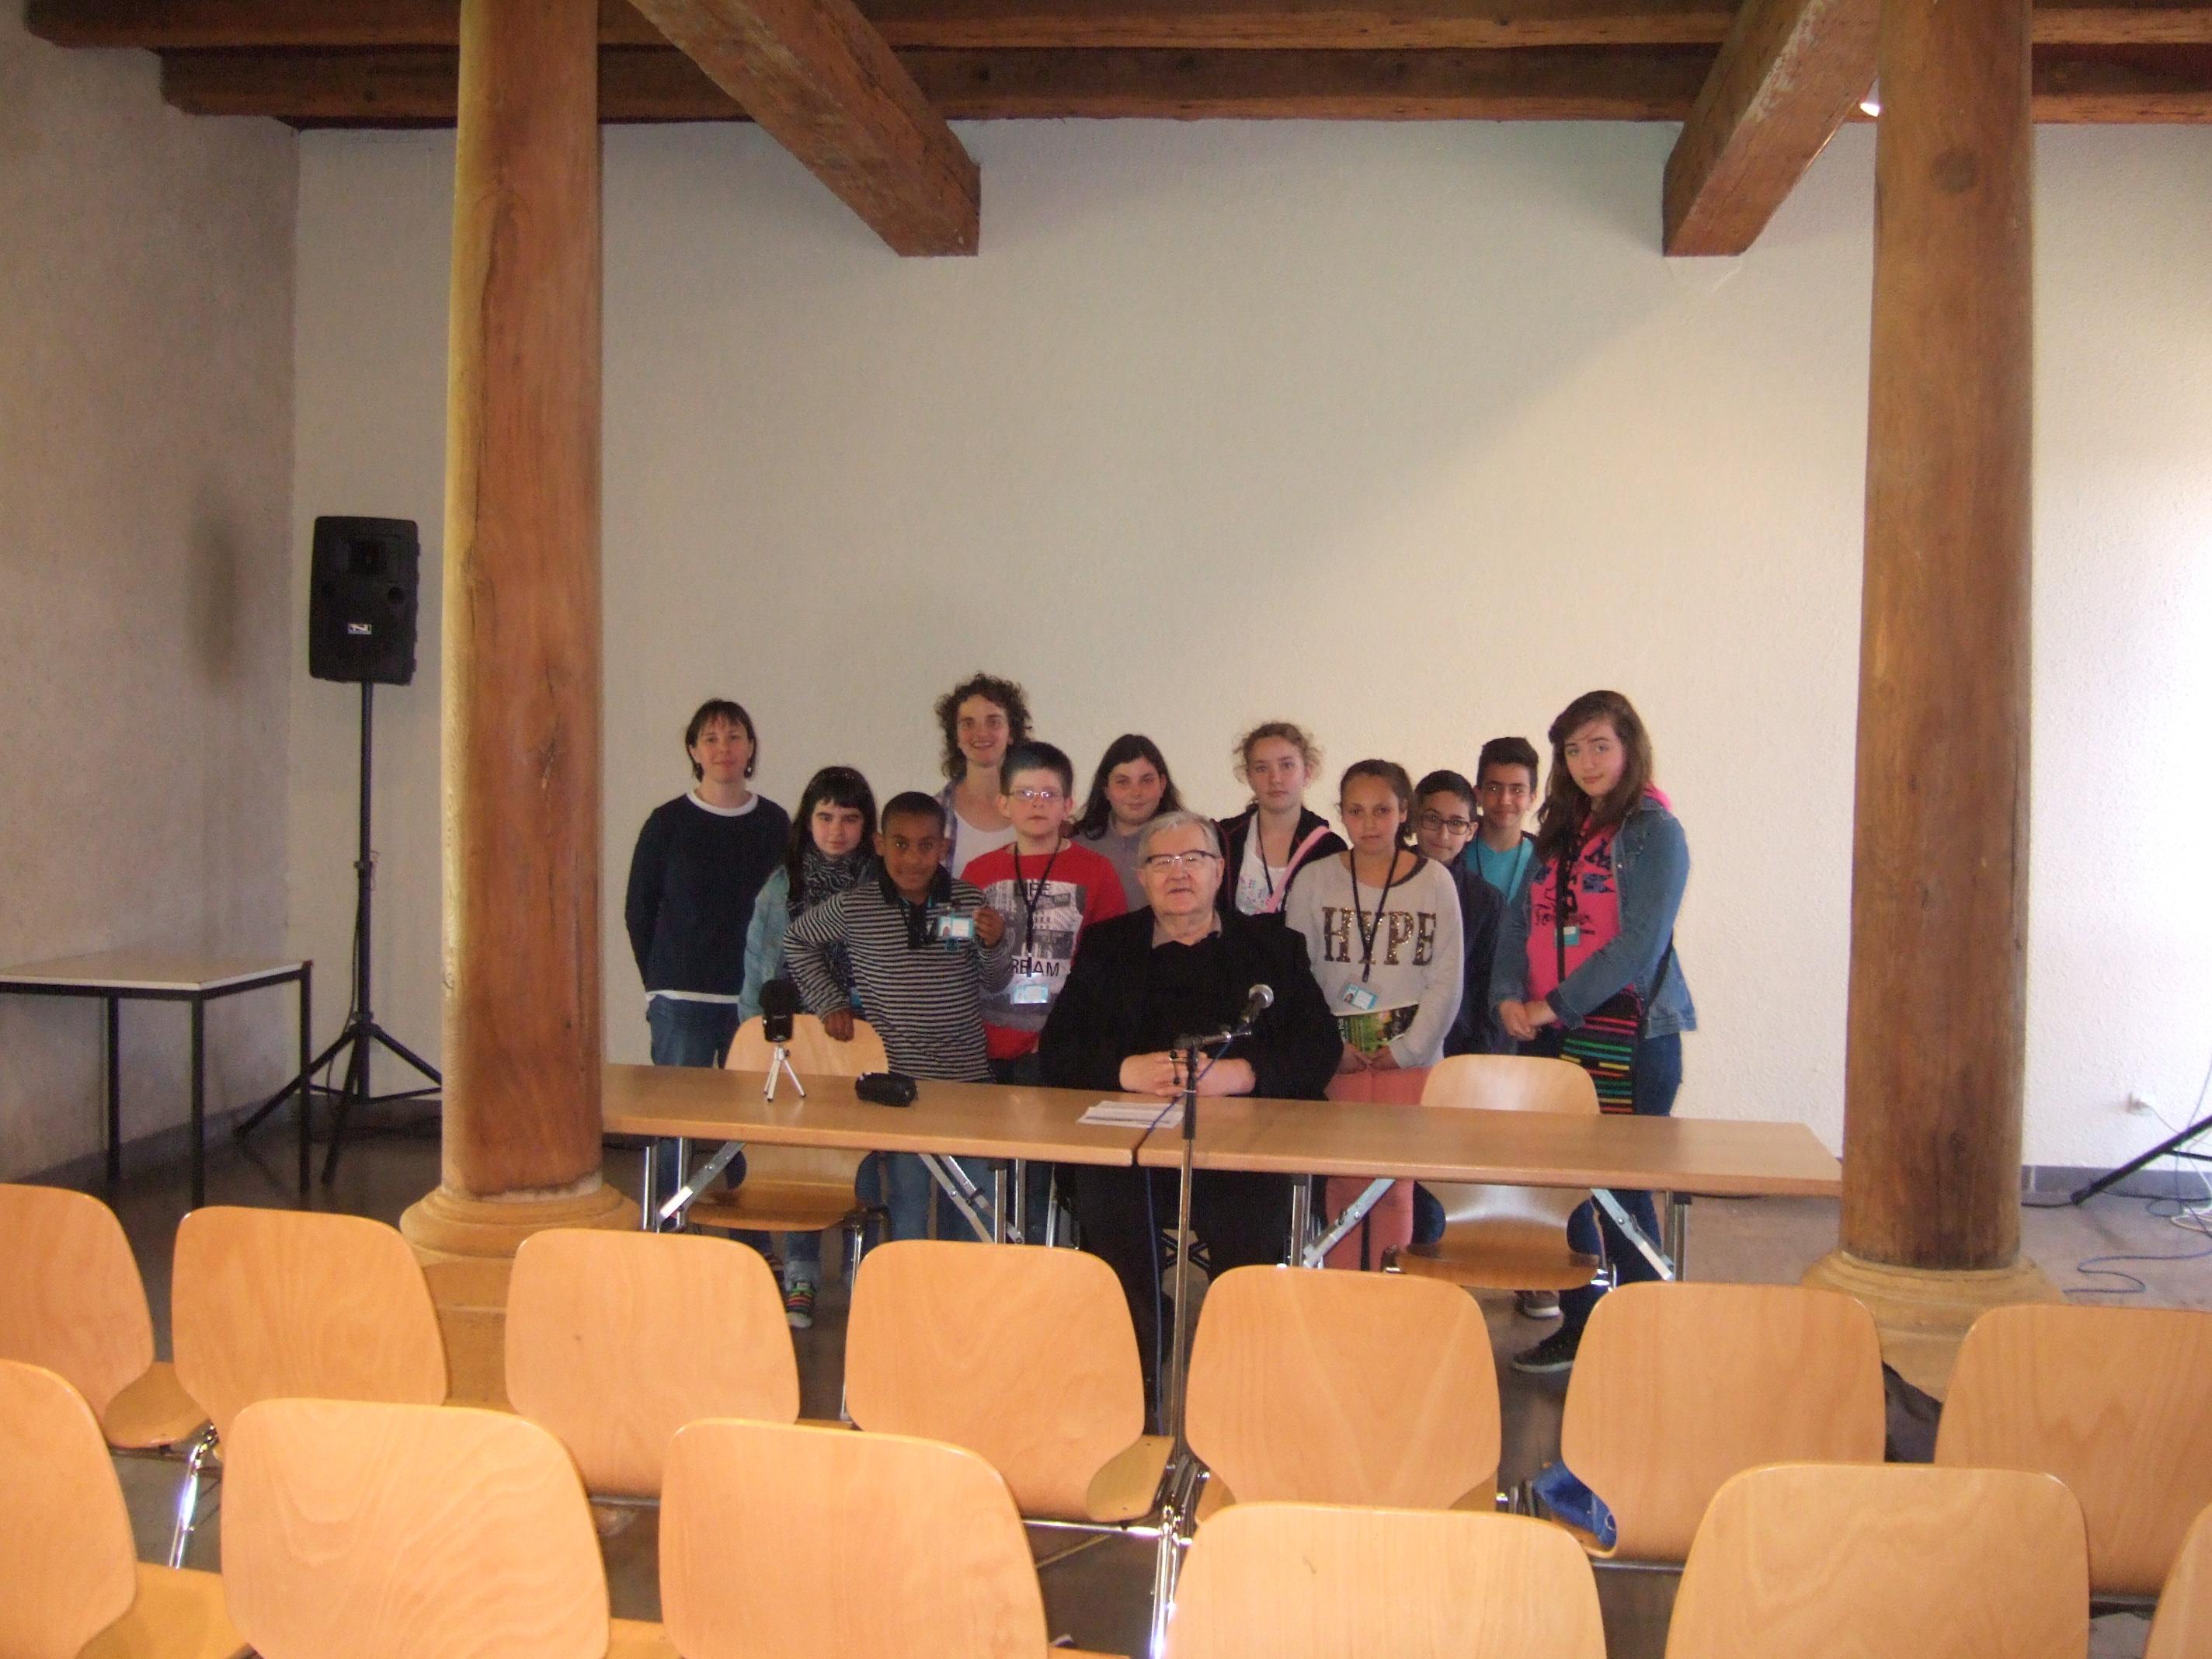 Les Jeunes Reporters pour l'Environnements pour l'interview de Jean-Marie PELT